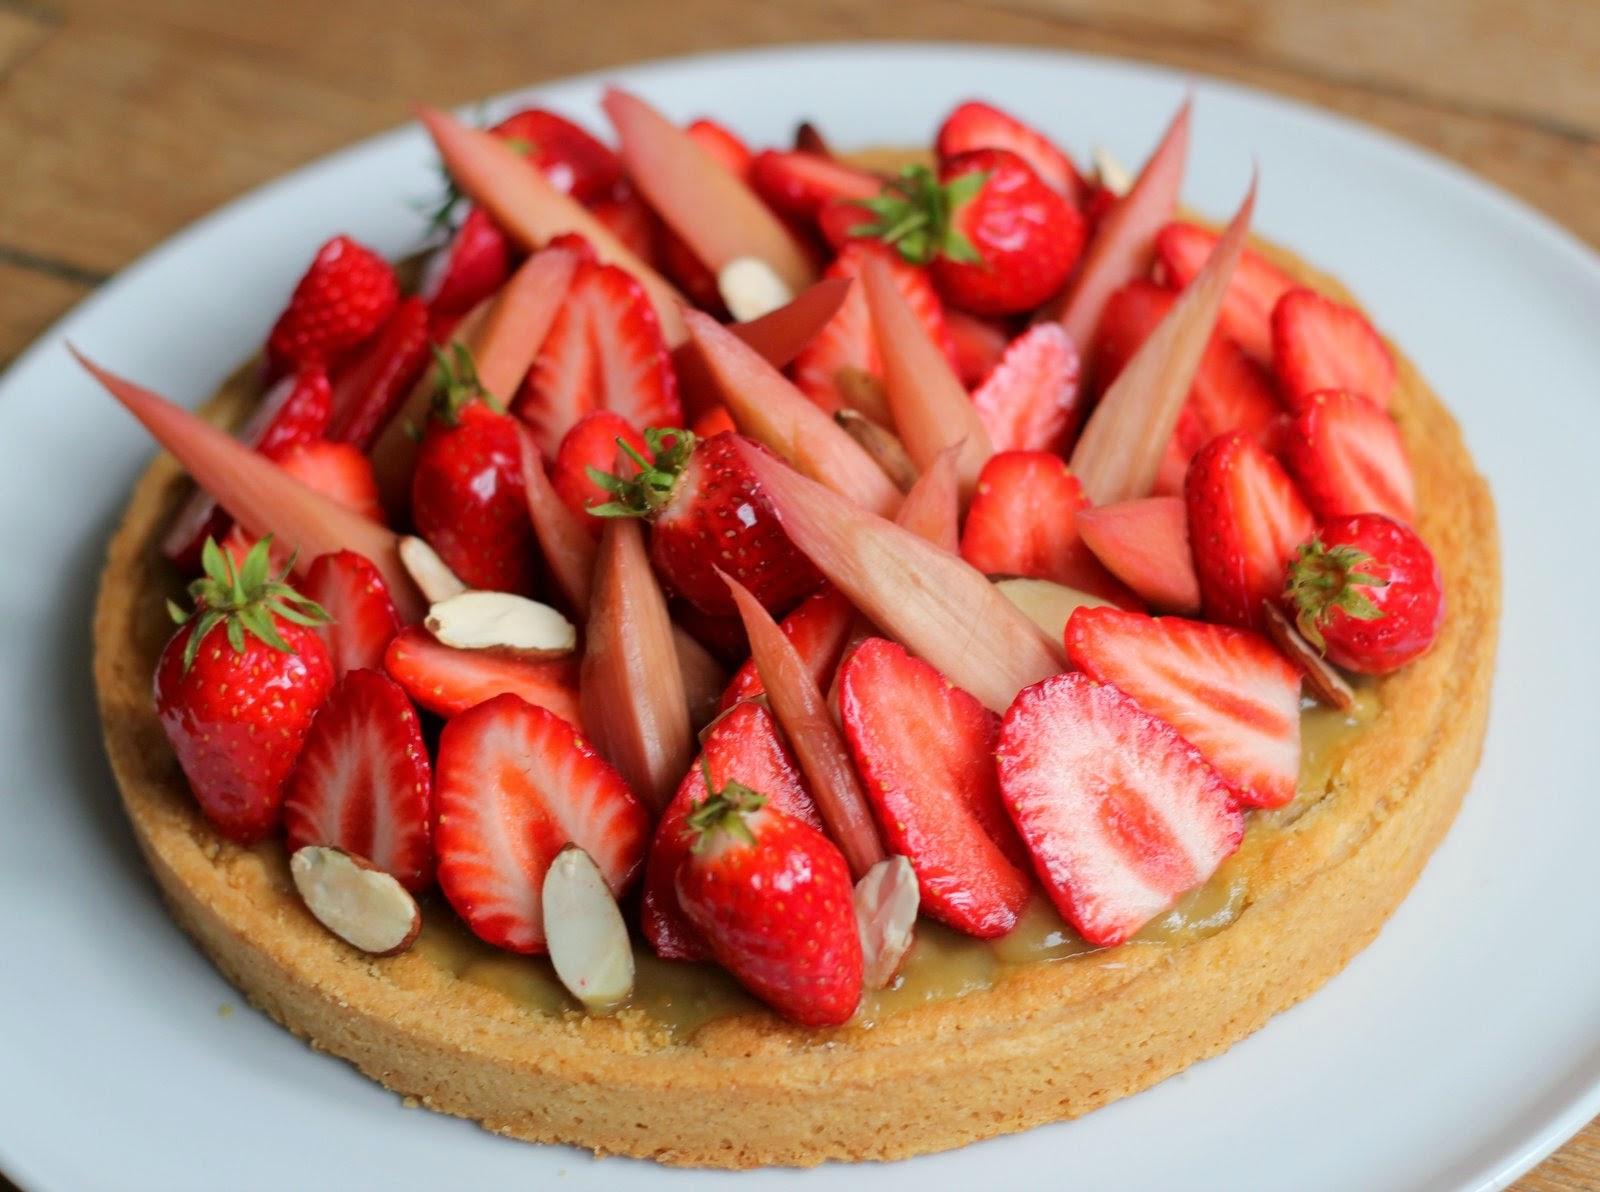 tarte fraise et rhubarbe recette les recettes populaires blogue le blog des g teaux. Black Bedroom Furniture Sets. Home Design Ideas